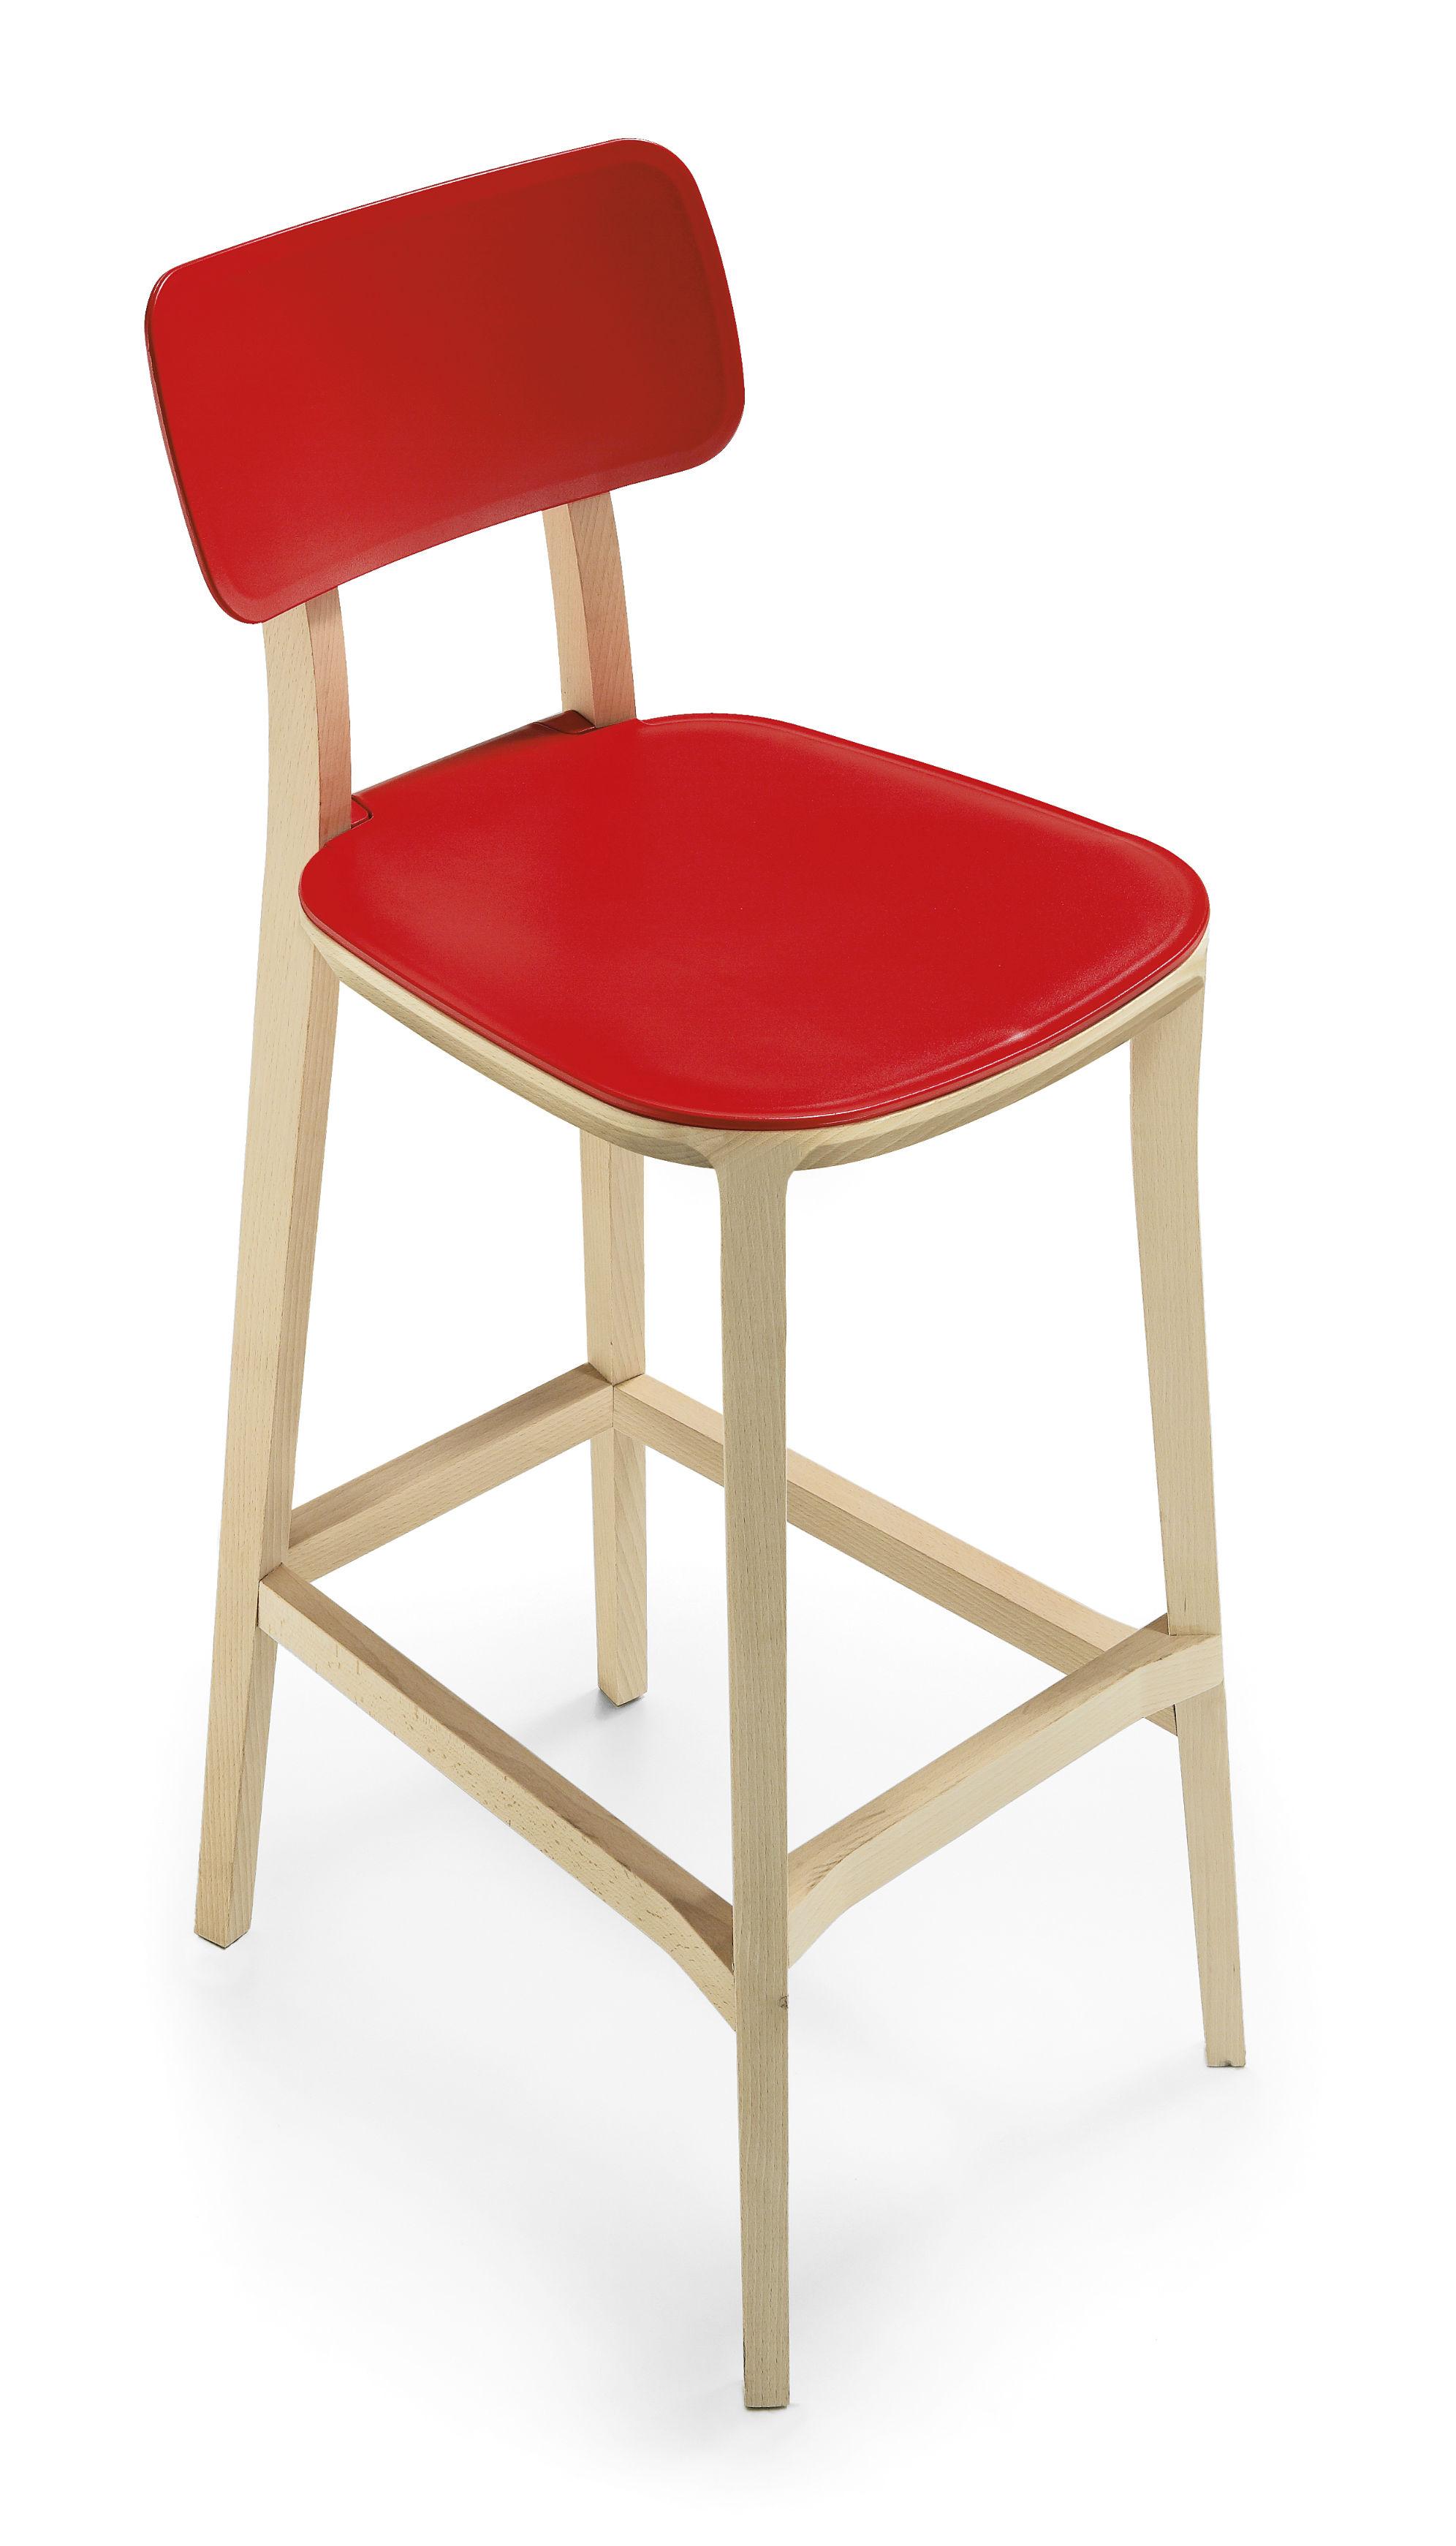 Sillas altas para barra silla alta porta venezia cocina for Pisos en silla de bancos